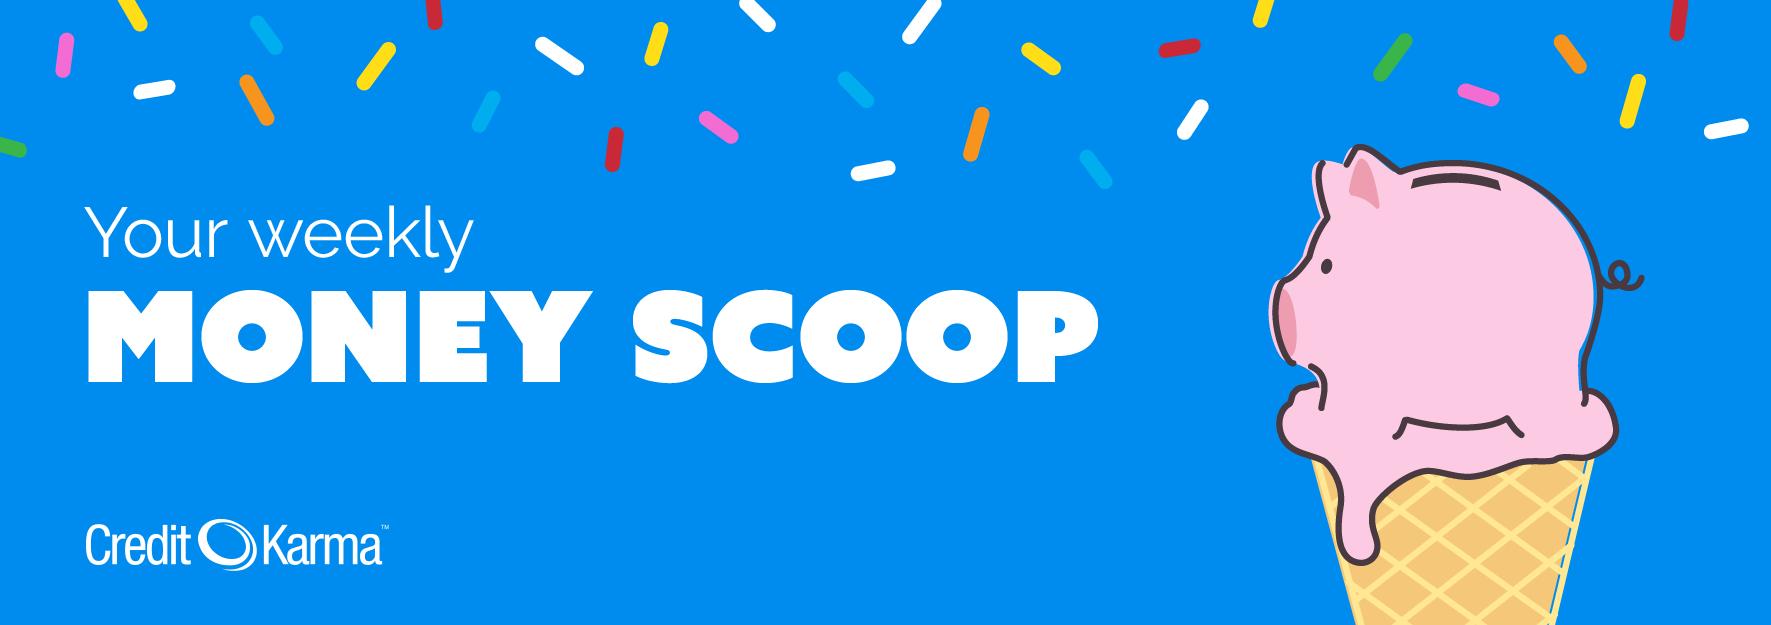 Your weekly money scoop: September 9, 2016